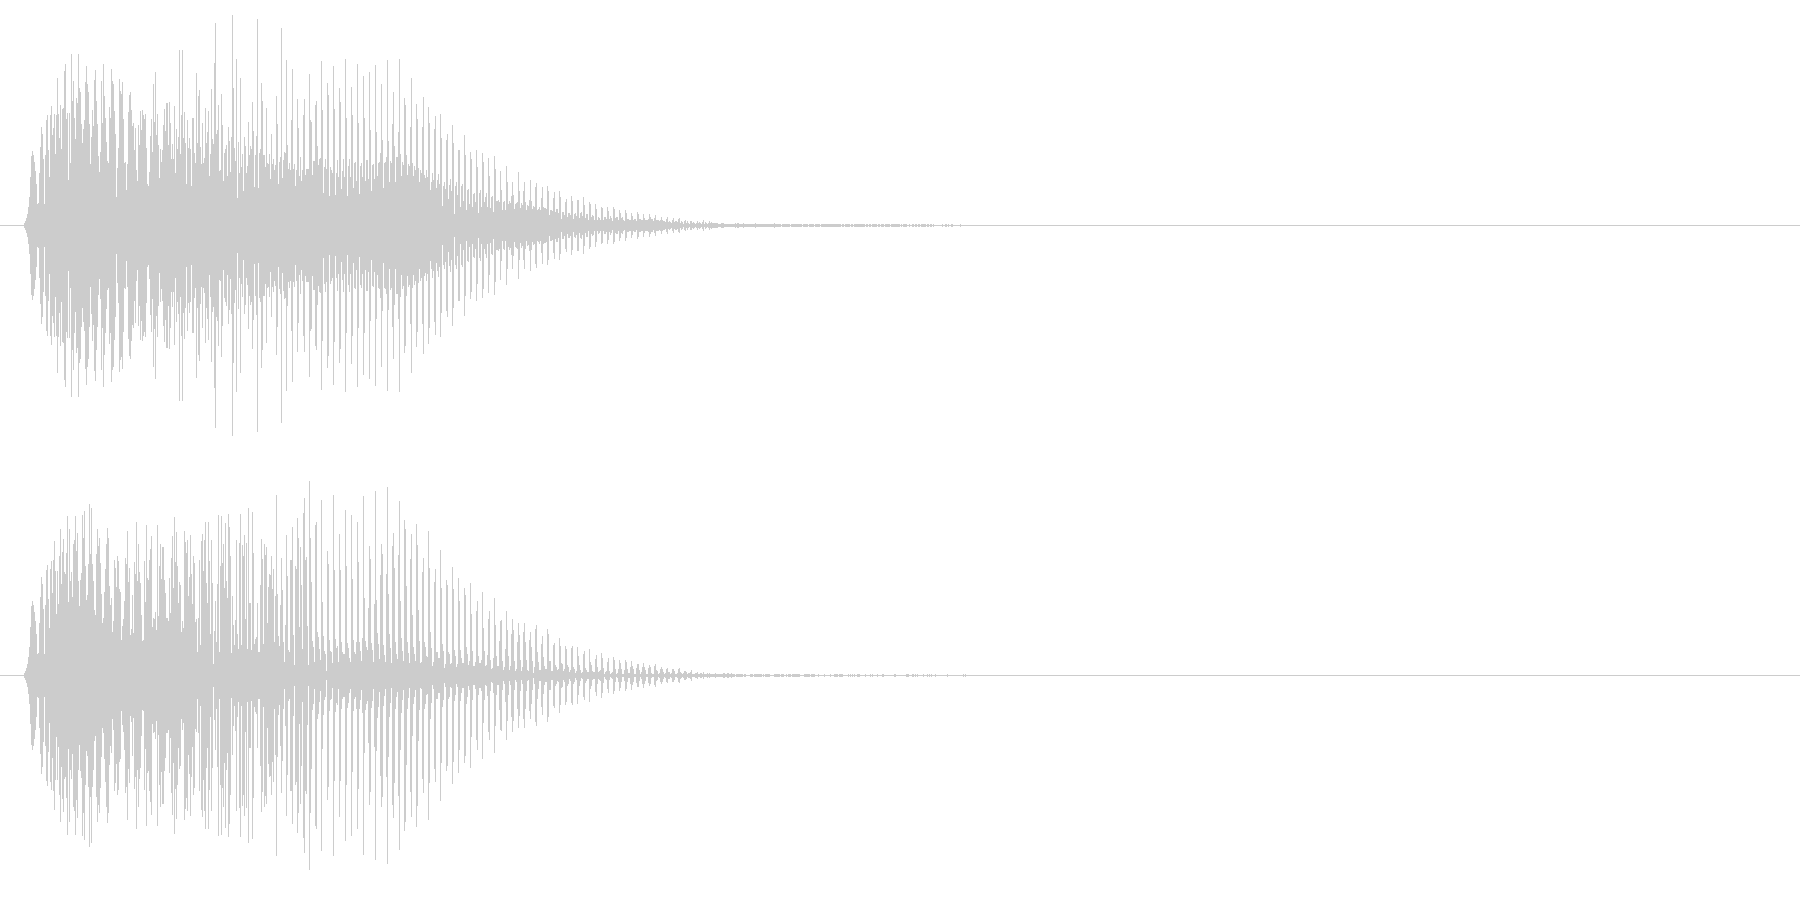 電子系 打撃音の未再生の波形